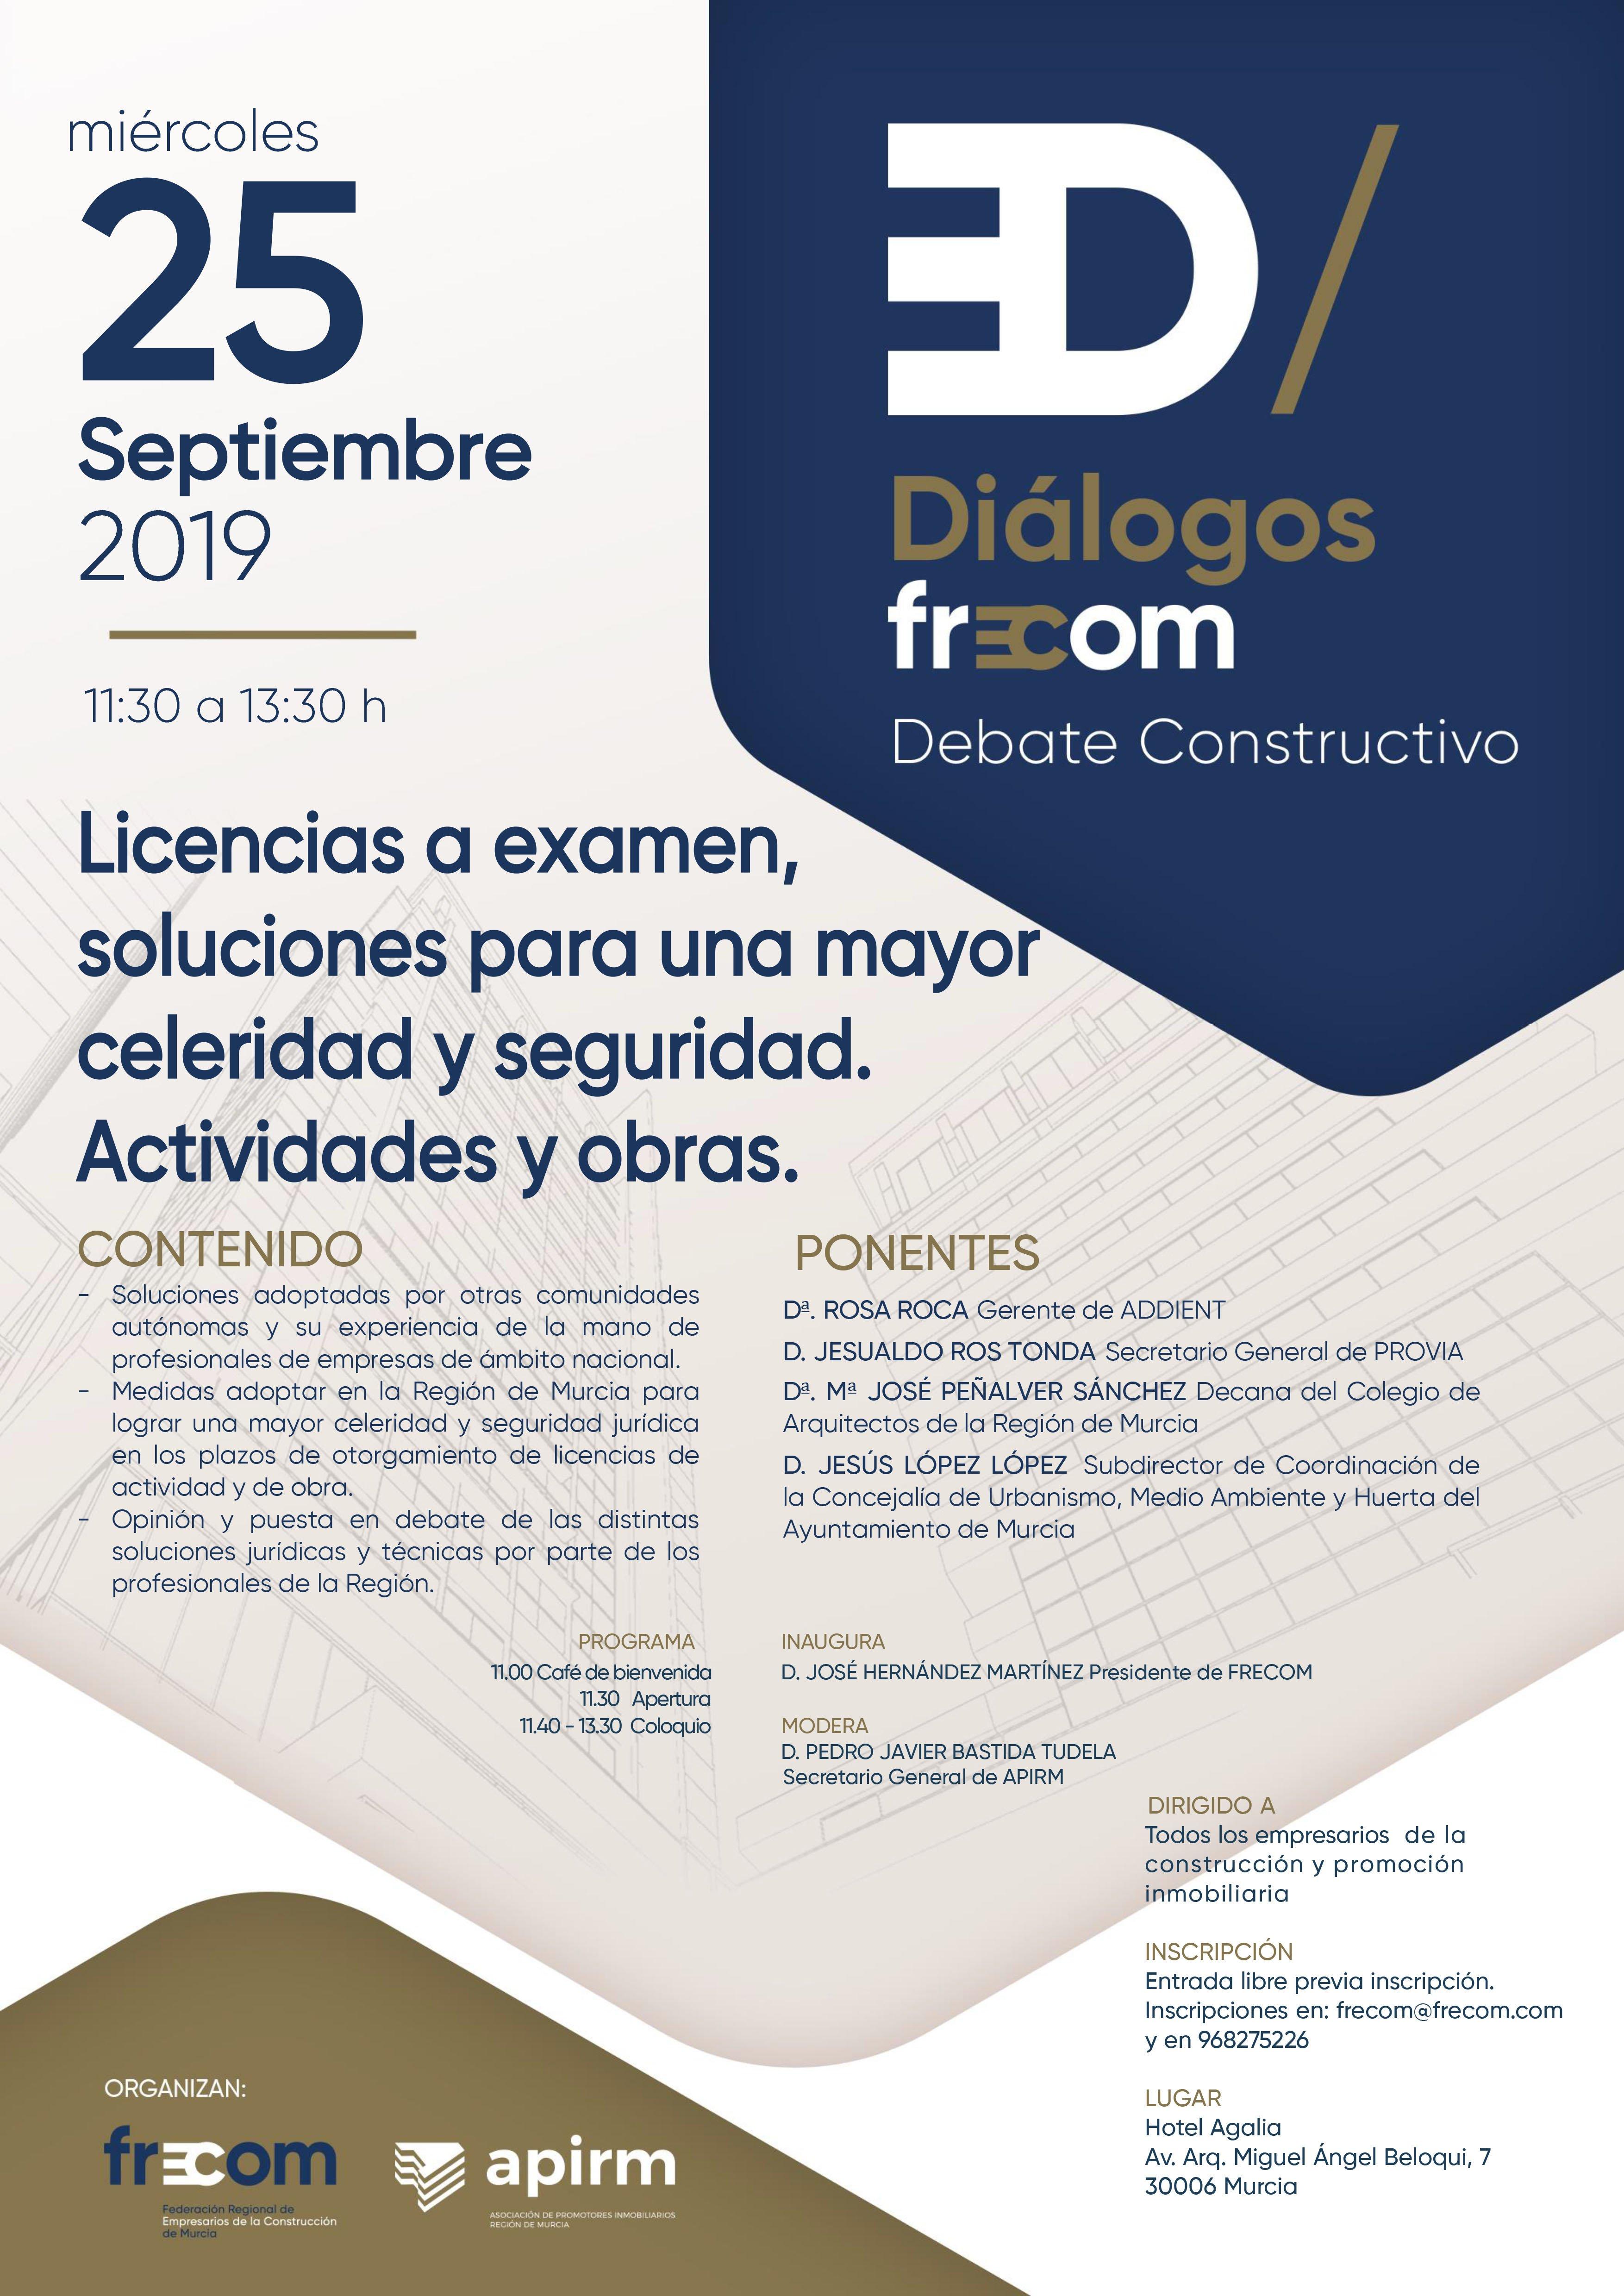 Diálogos FRECOM convoca al sector a debatir sobre licencias 3 FRECOM